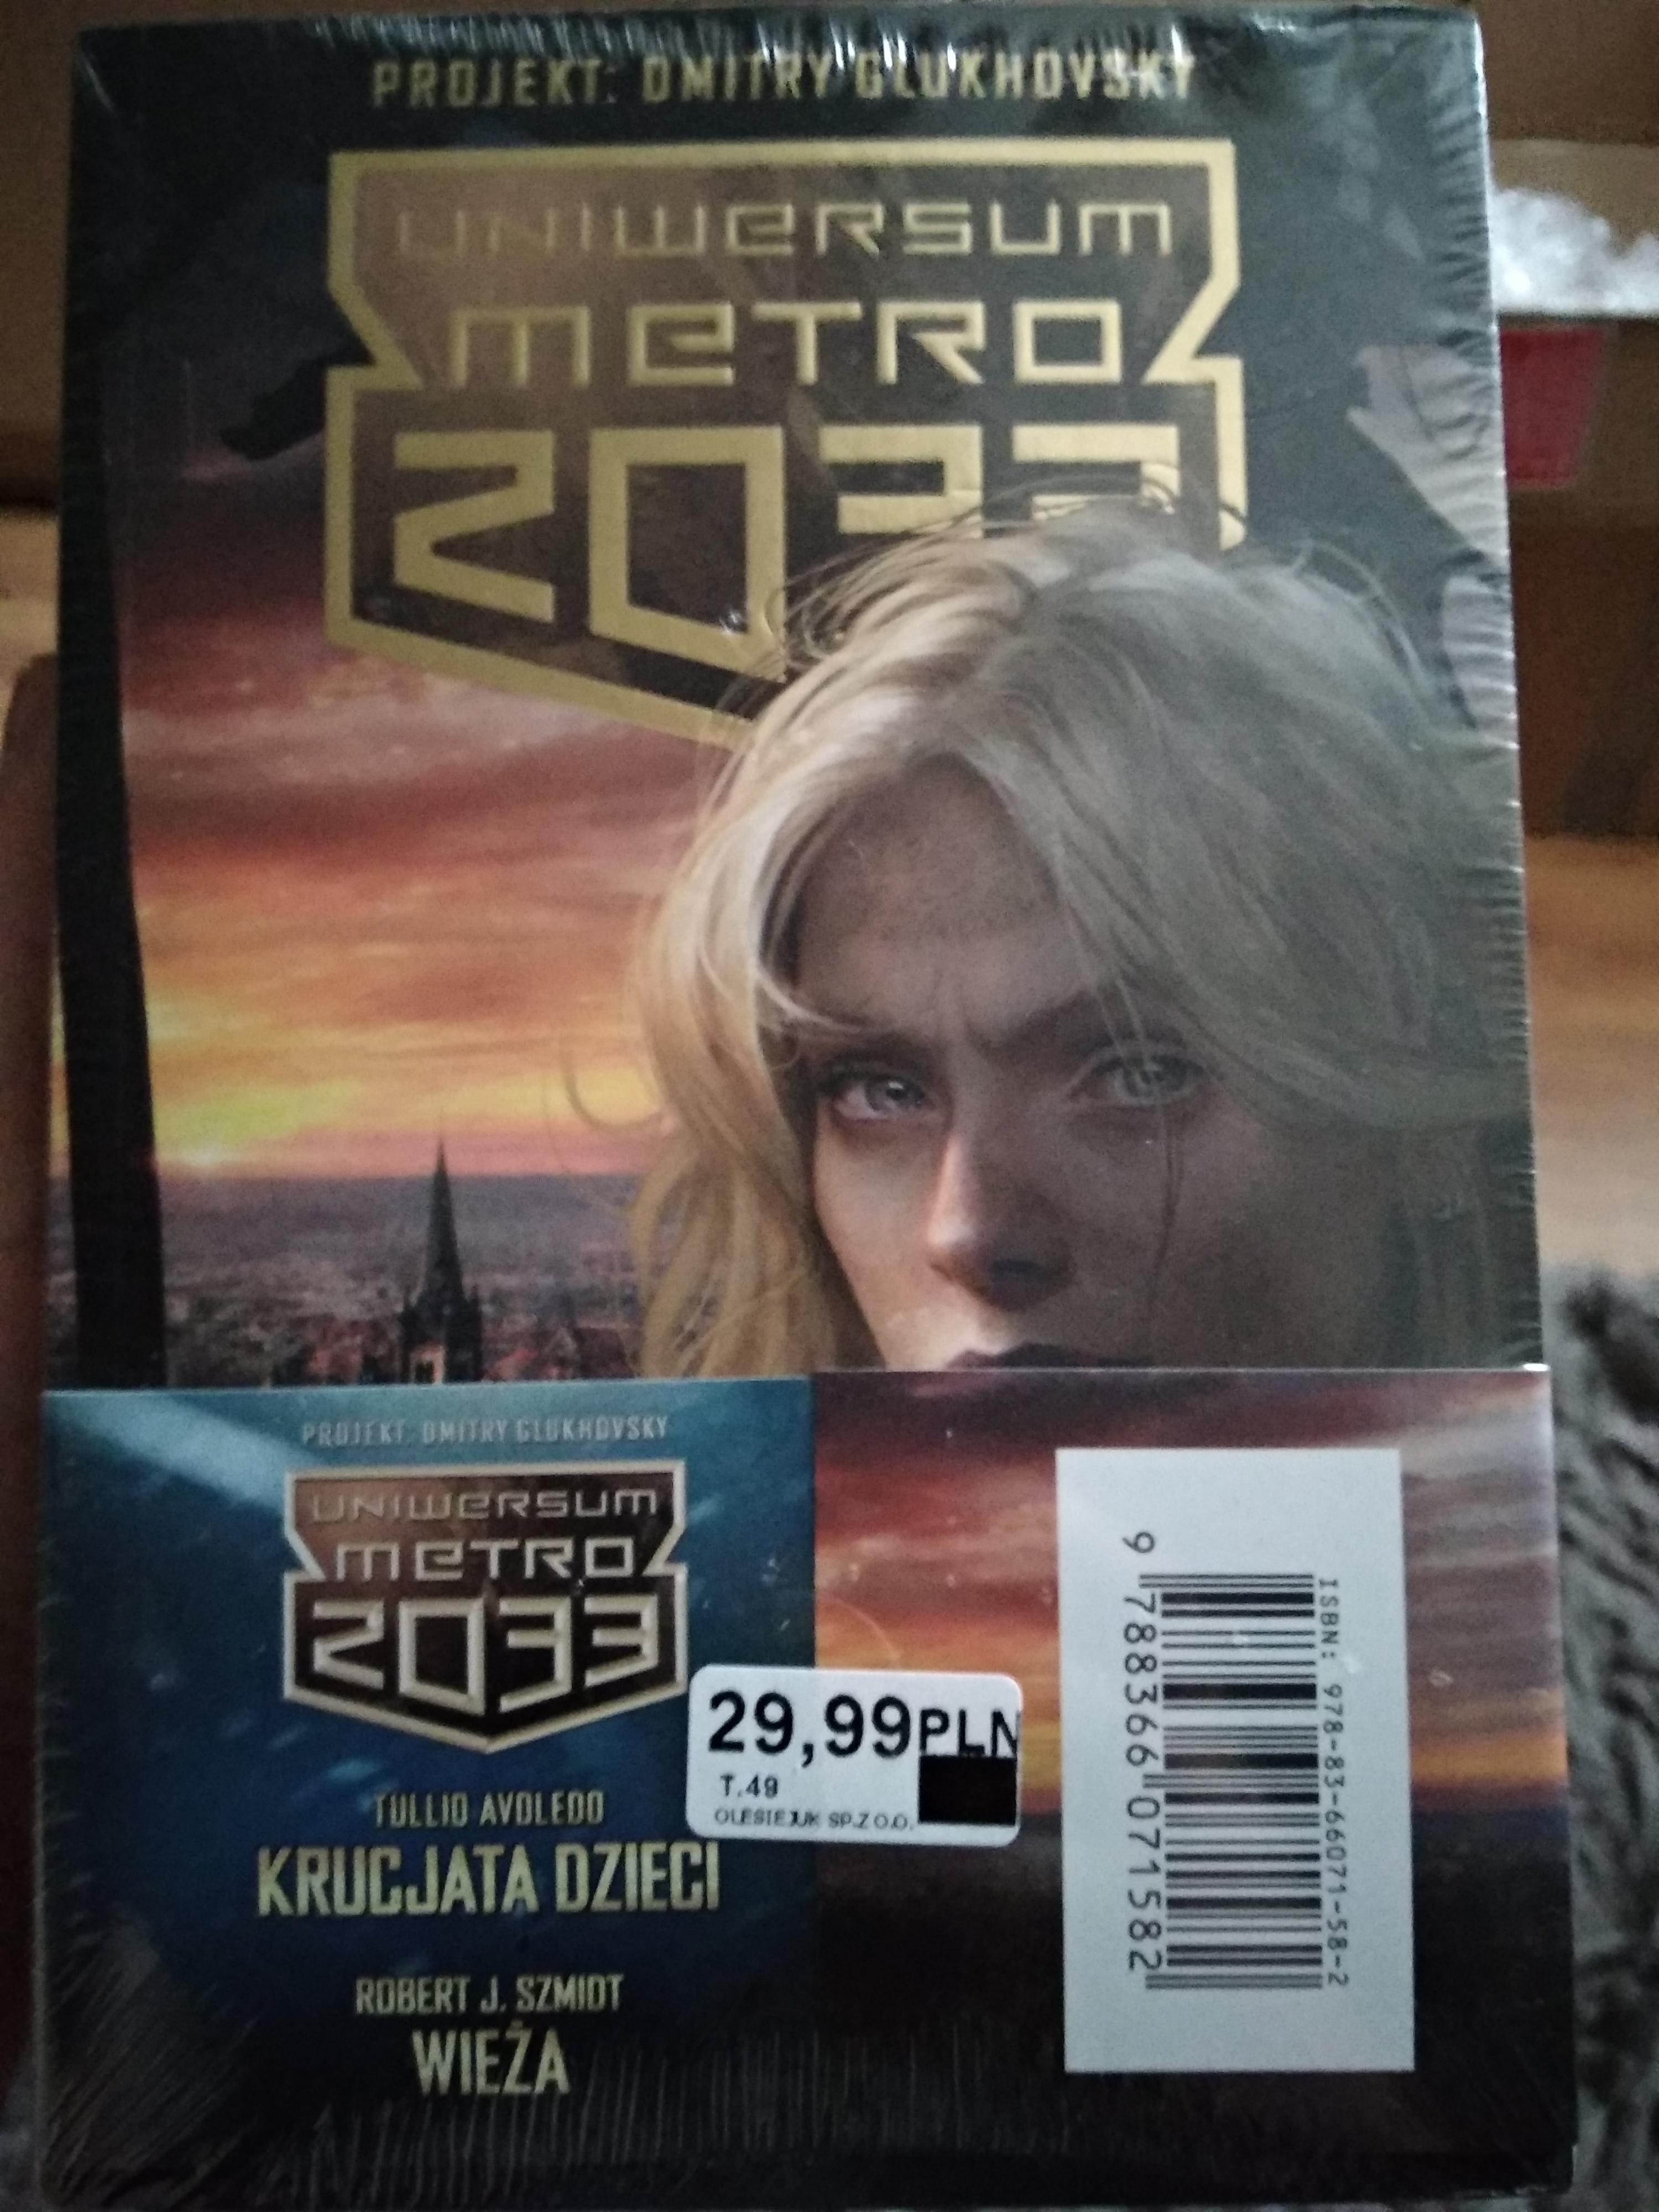 BIEDRONKA Metro 2033 Krucjata dzieci oraz Wieża 2pak